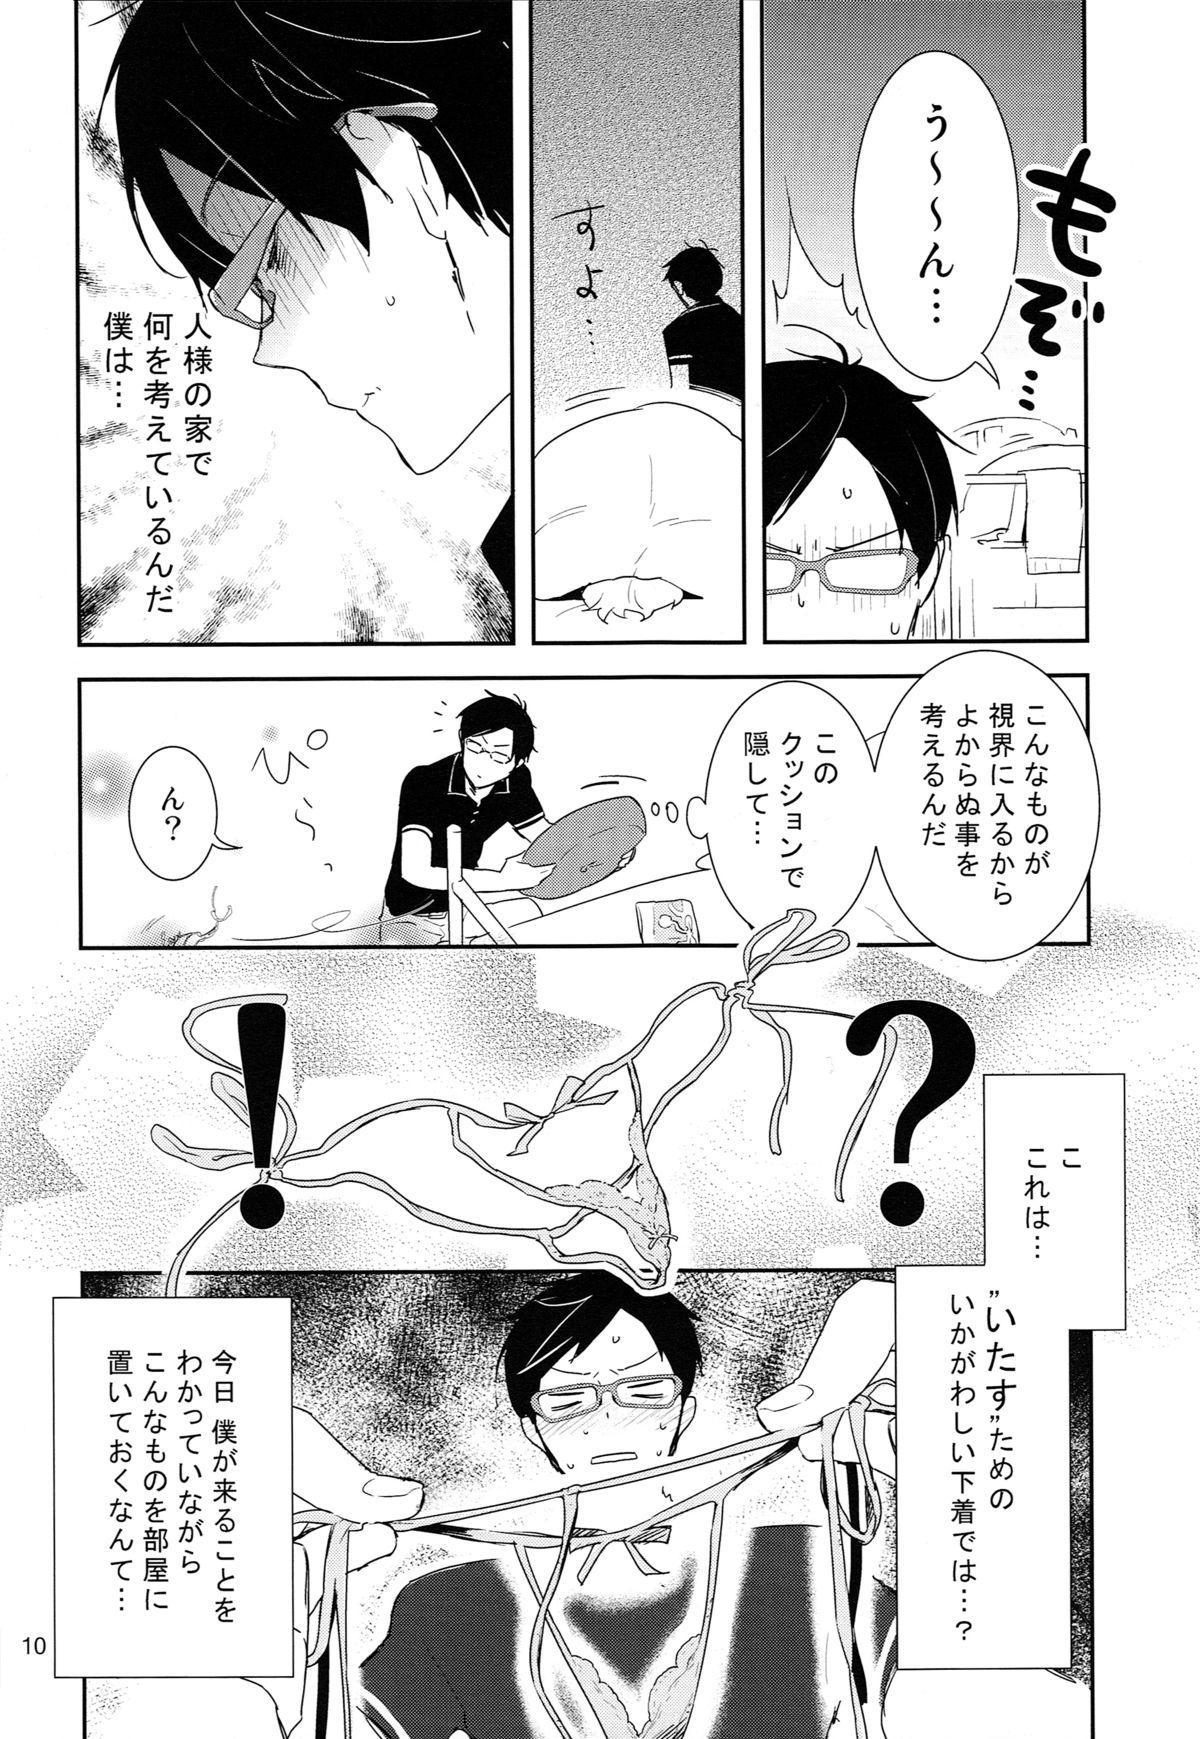 Ryuugazaki nanigashi wa seiyoku wo moteamashite iru. 8